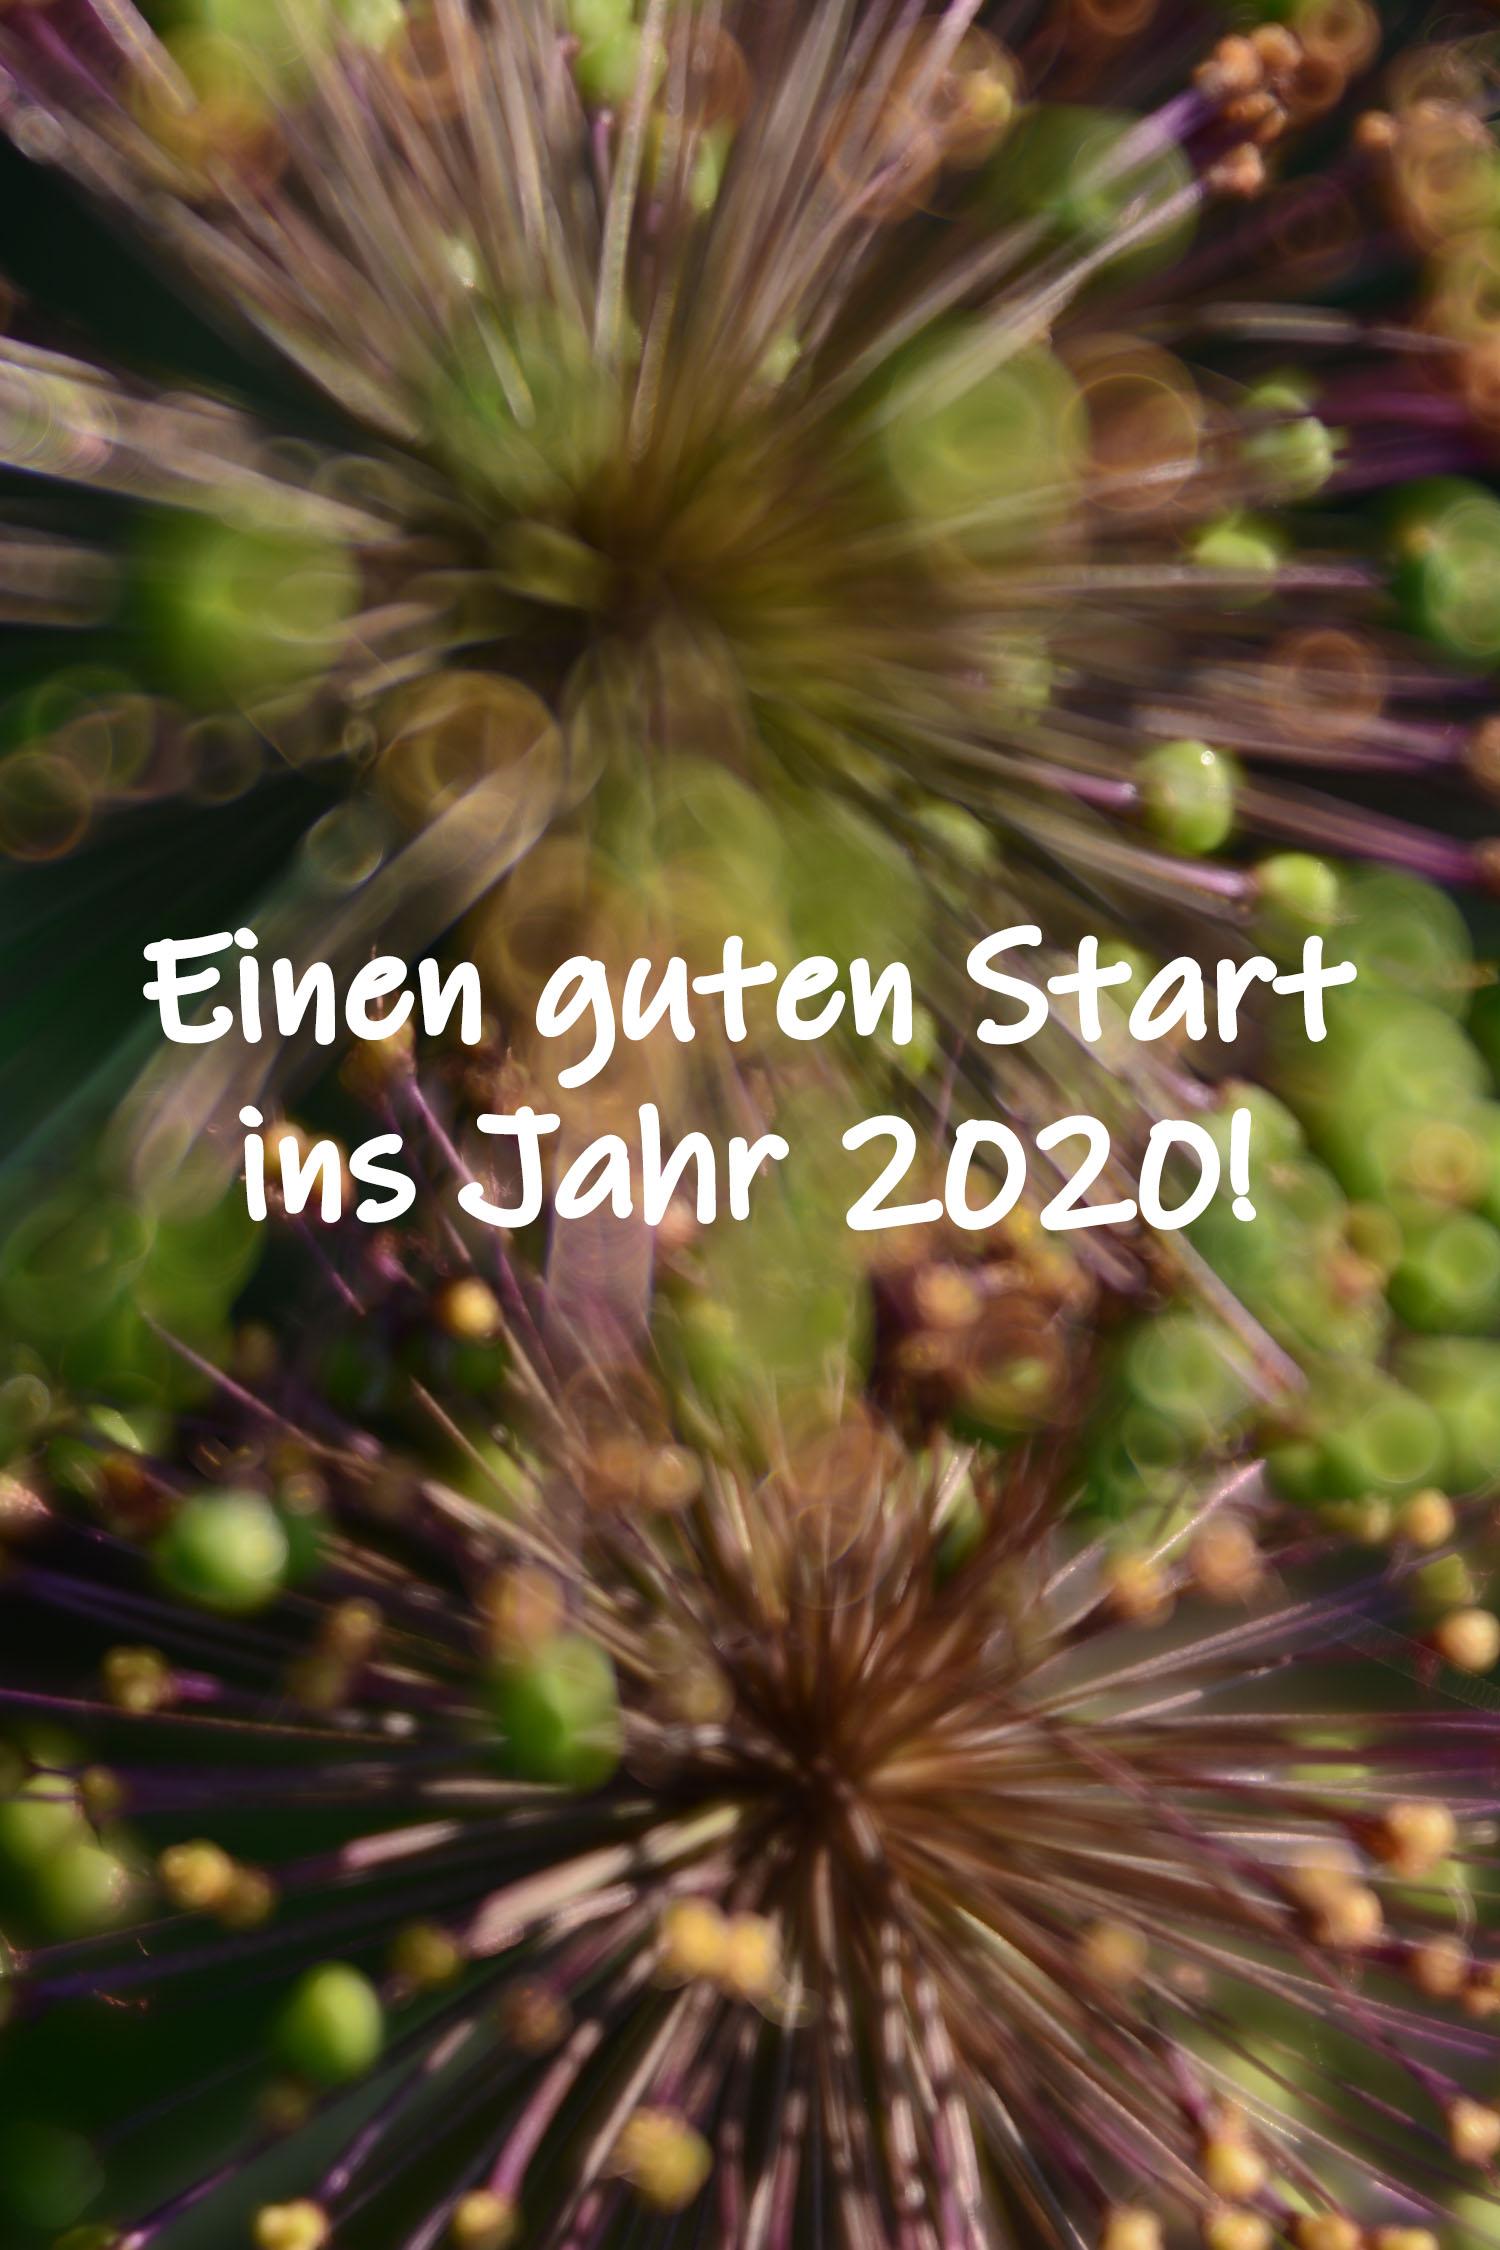 Willkommen in 2020